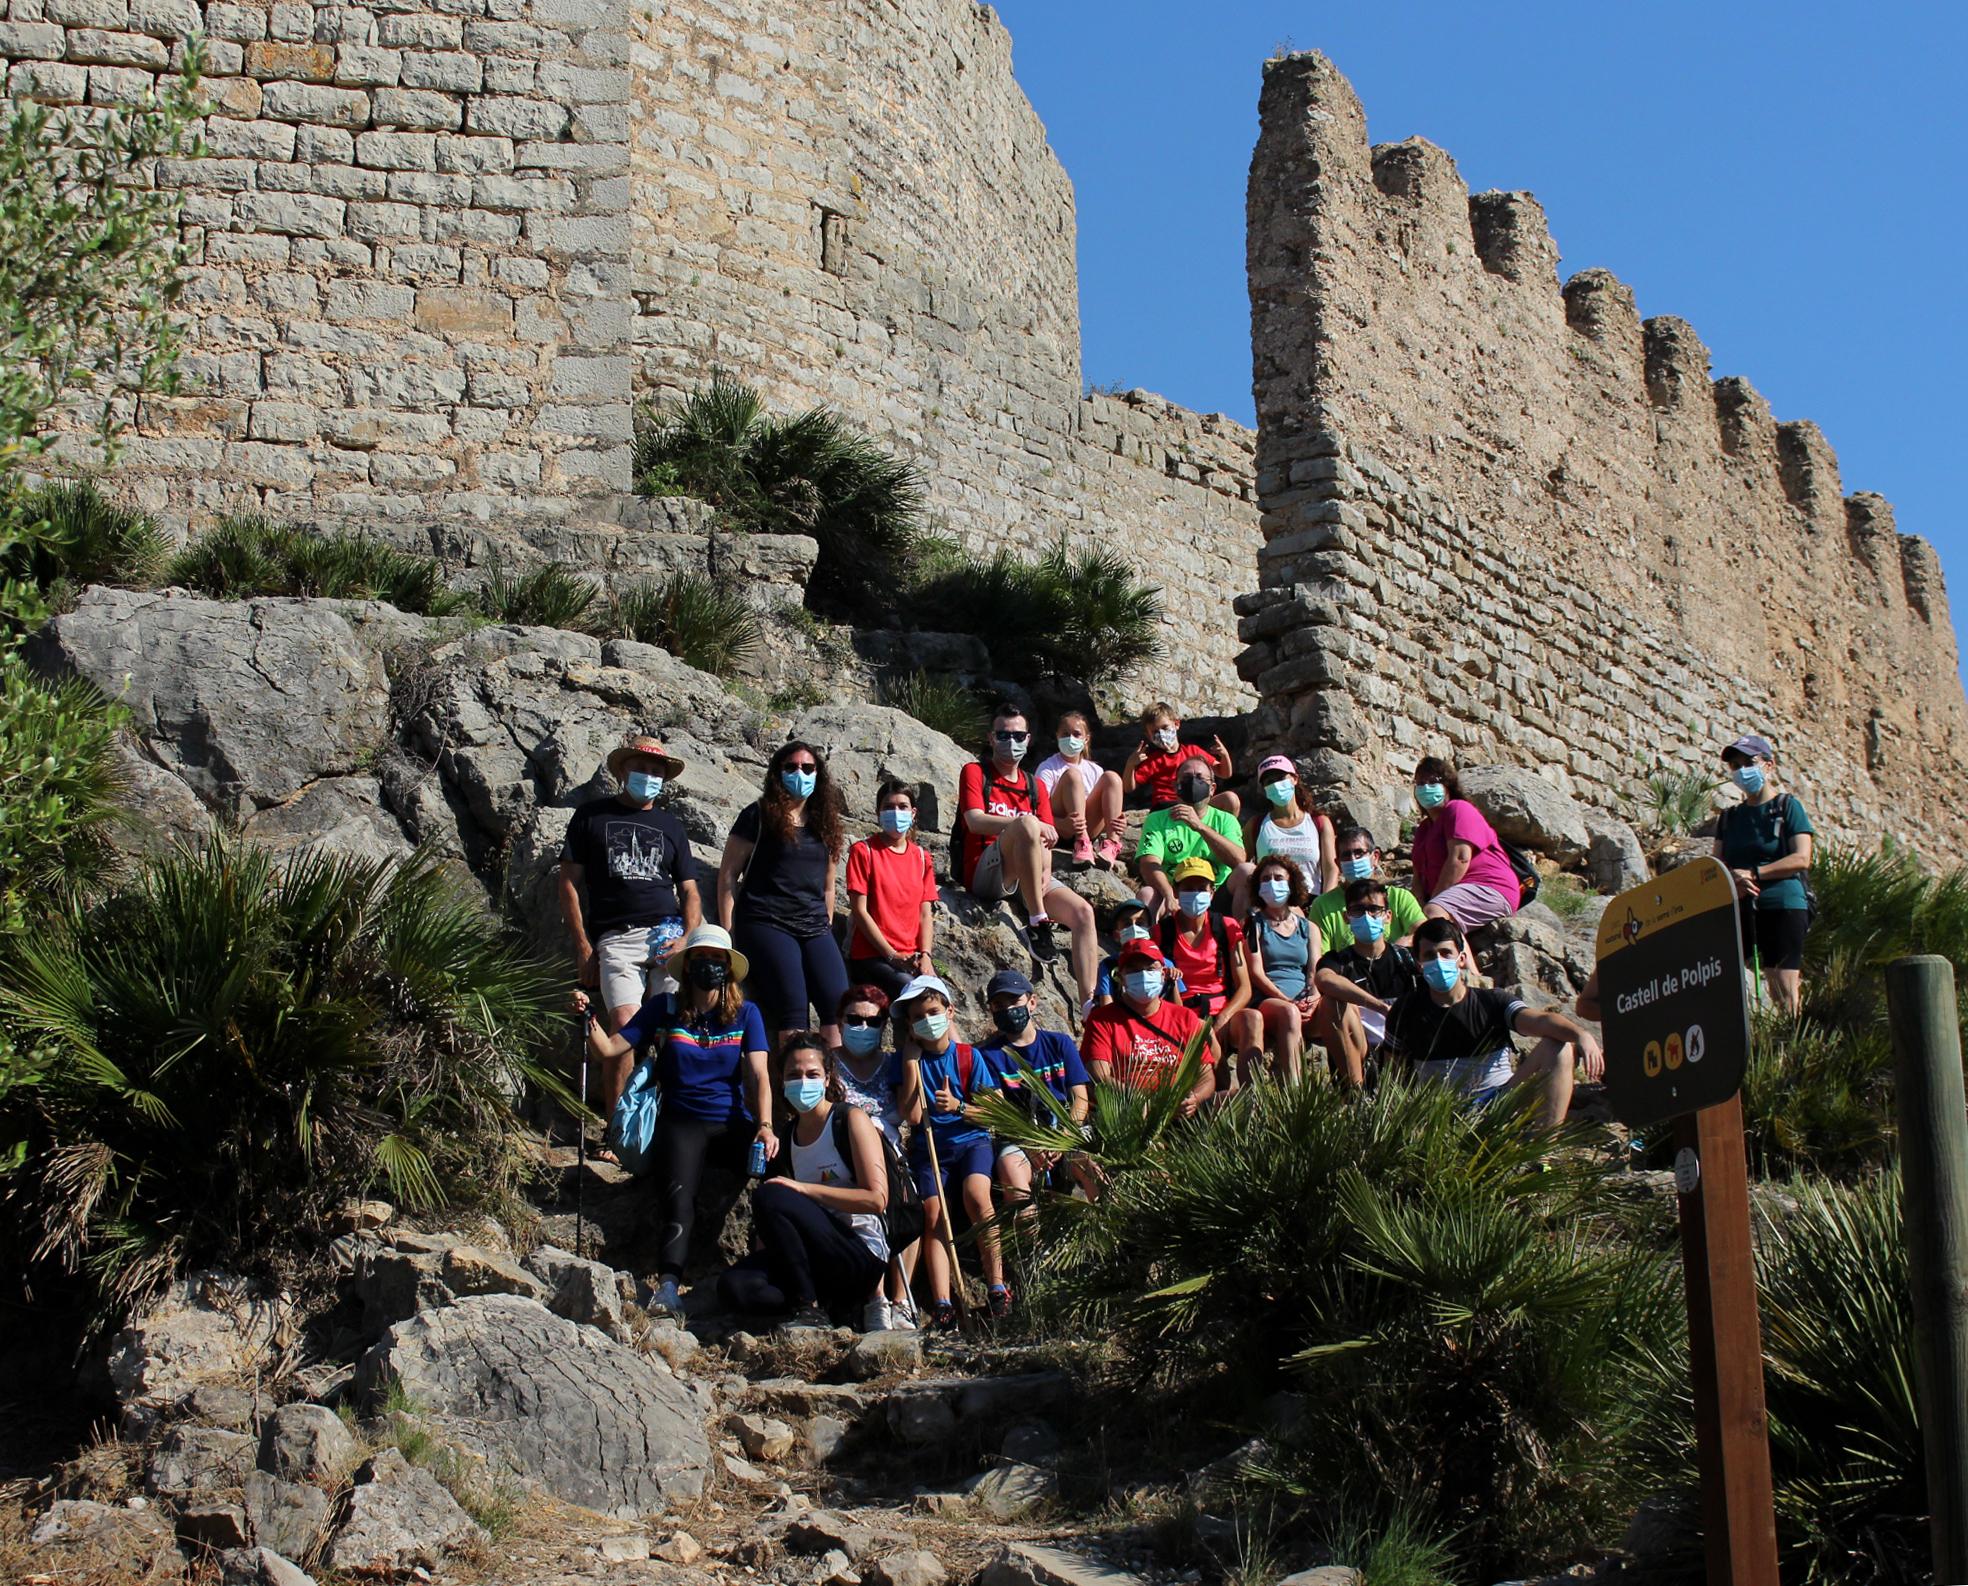 La Diputación de Castellón apuesta por dinamizar los castillos de Xivert i Polpís con representaciones teatrales que recrean la vida en las fortalezas